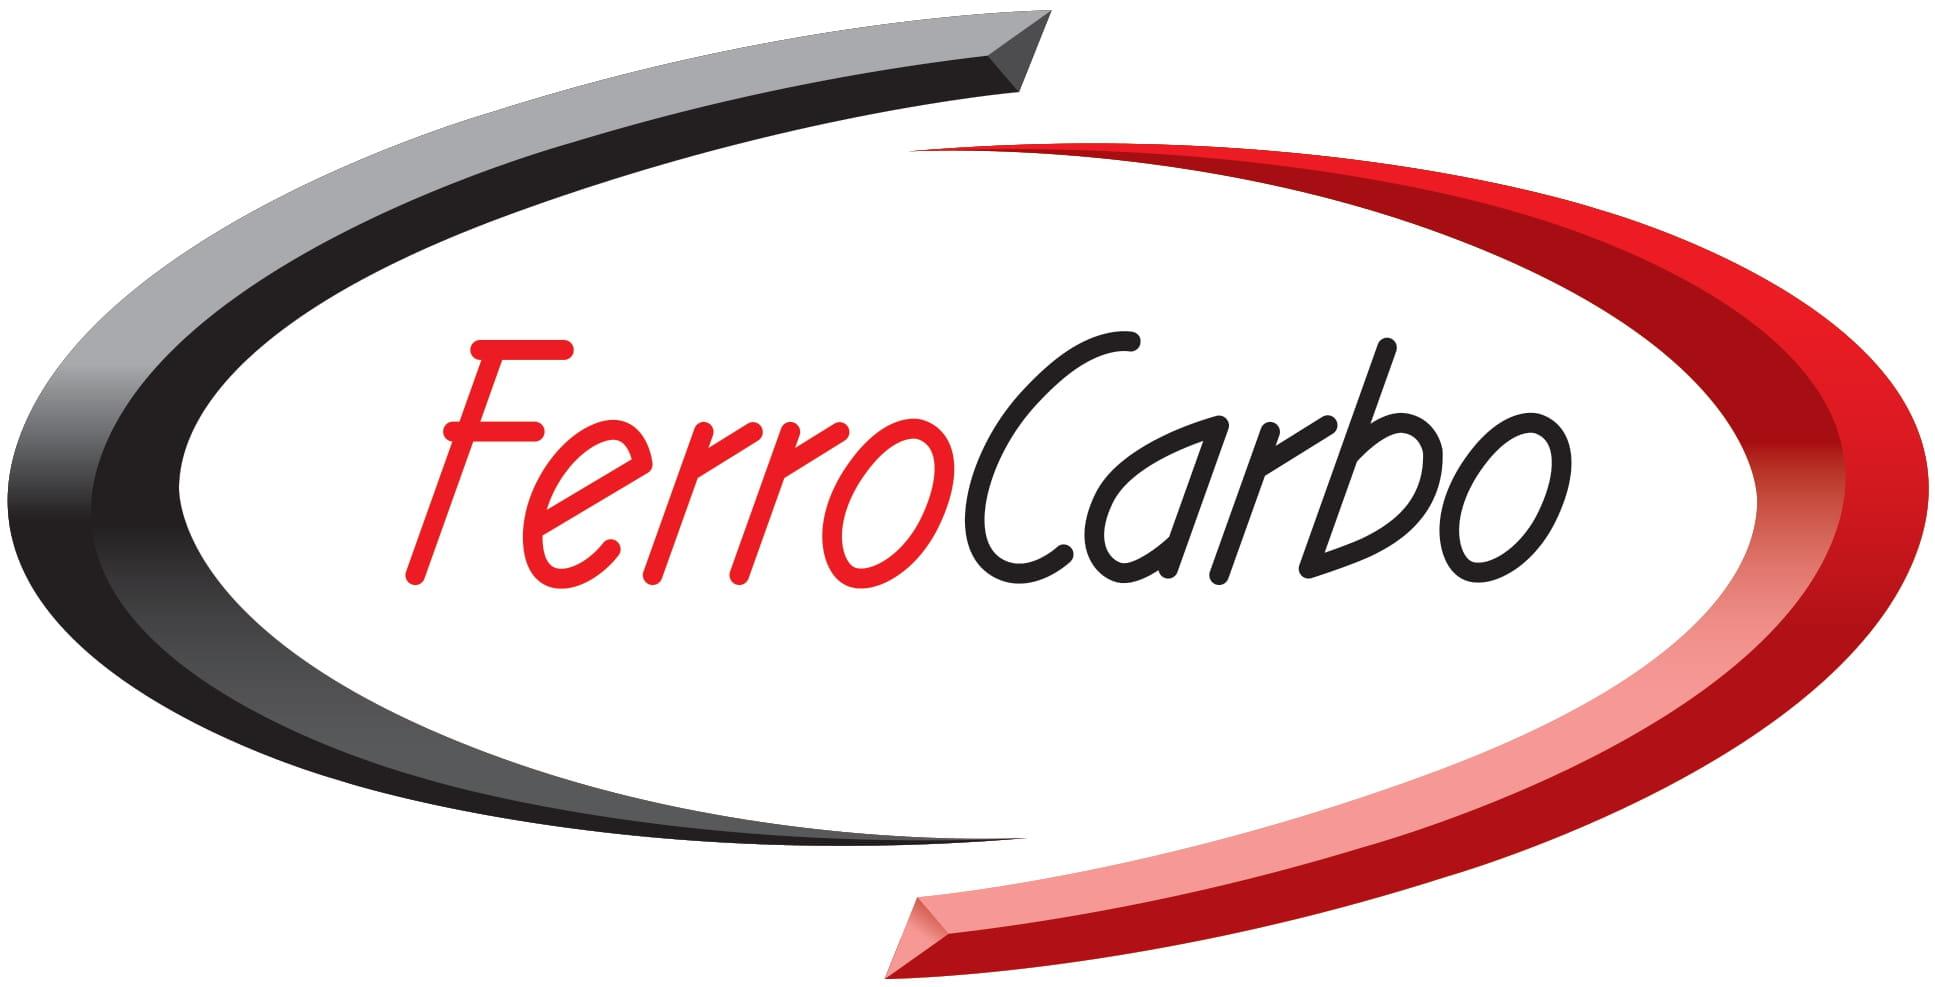 Ferrocarbo